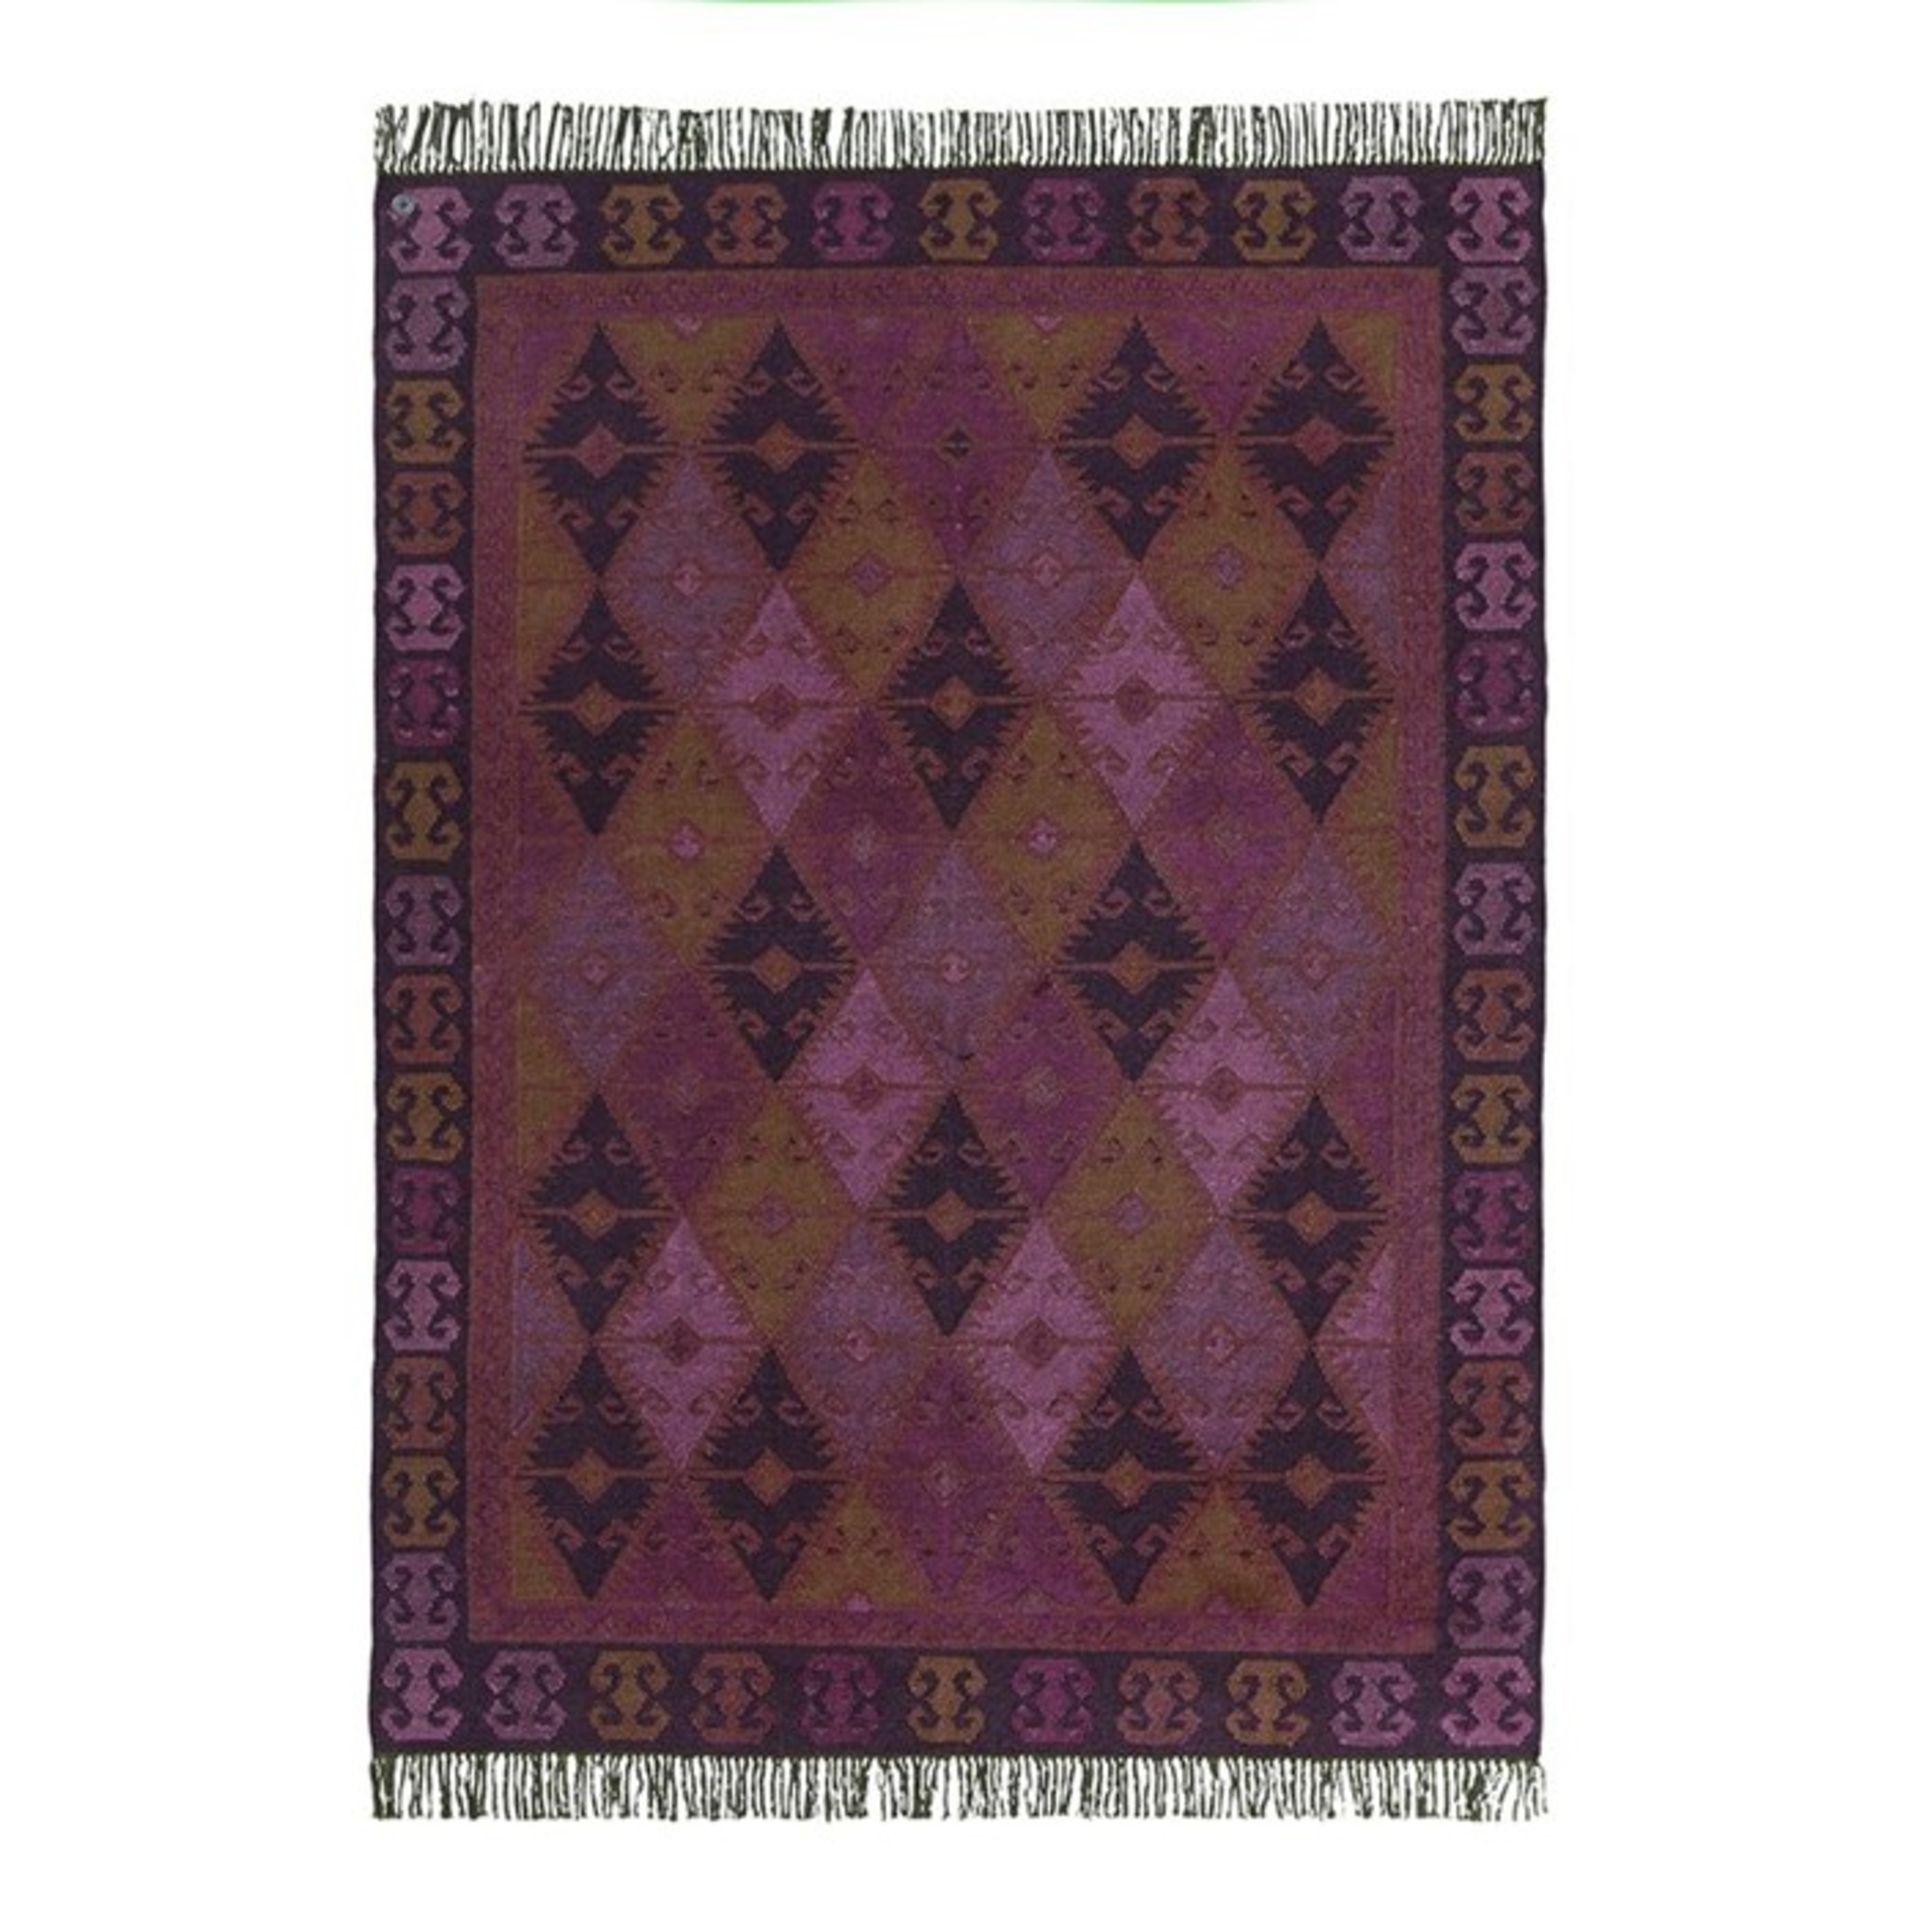 Tom Tailor,Vintage Handwoven Wool Purple Rug RRP -£262.99 (11989/19 -TMTR1222)